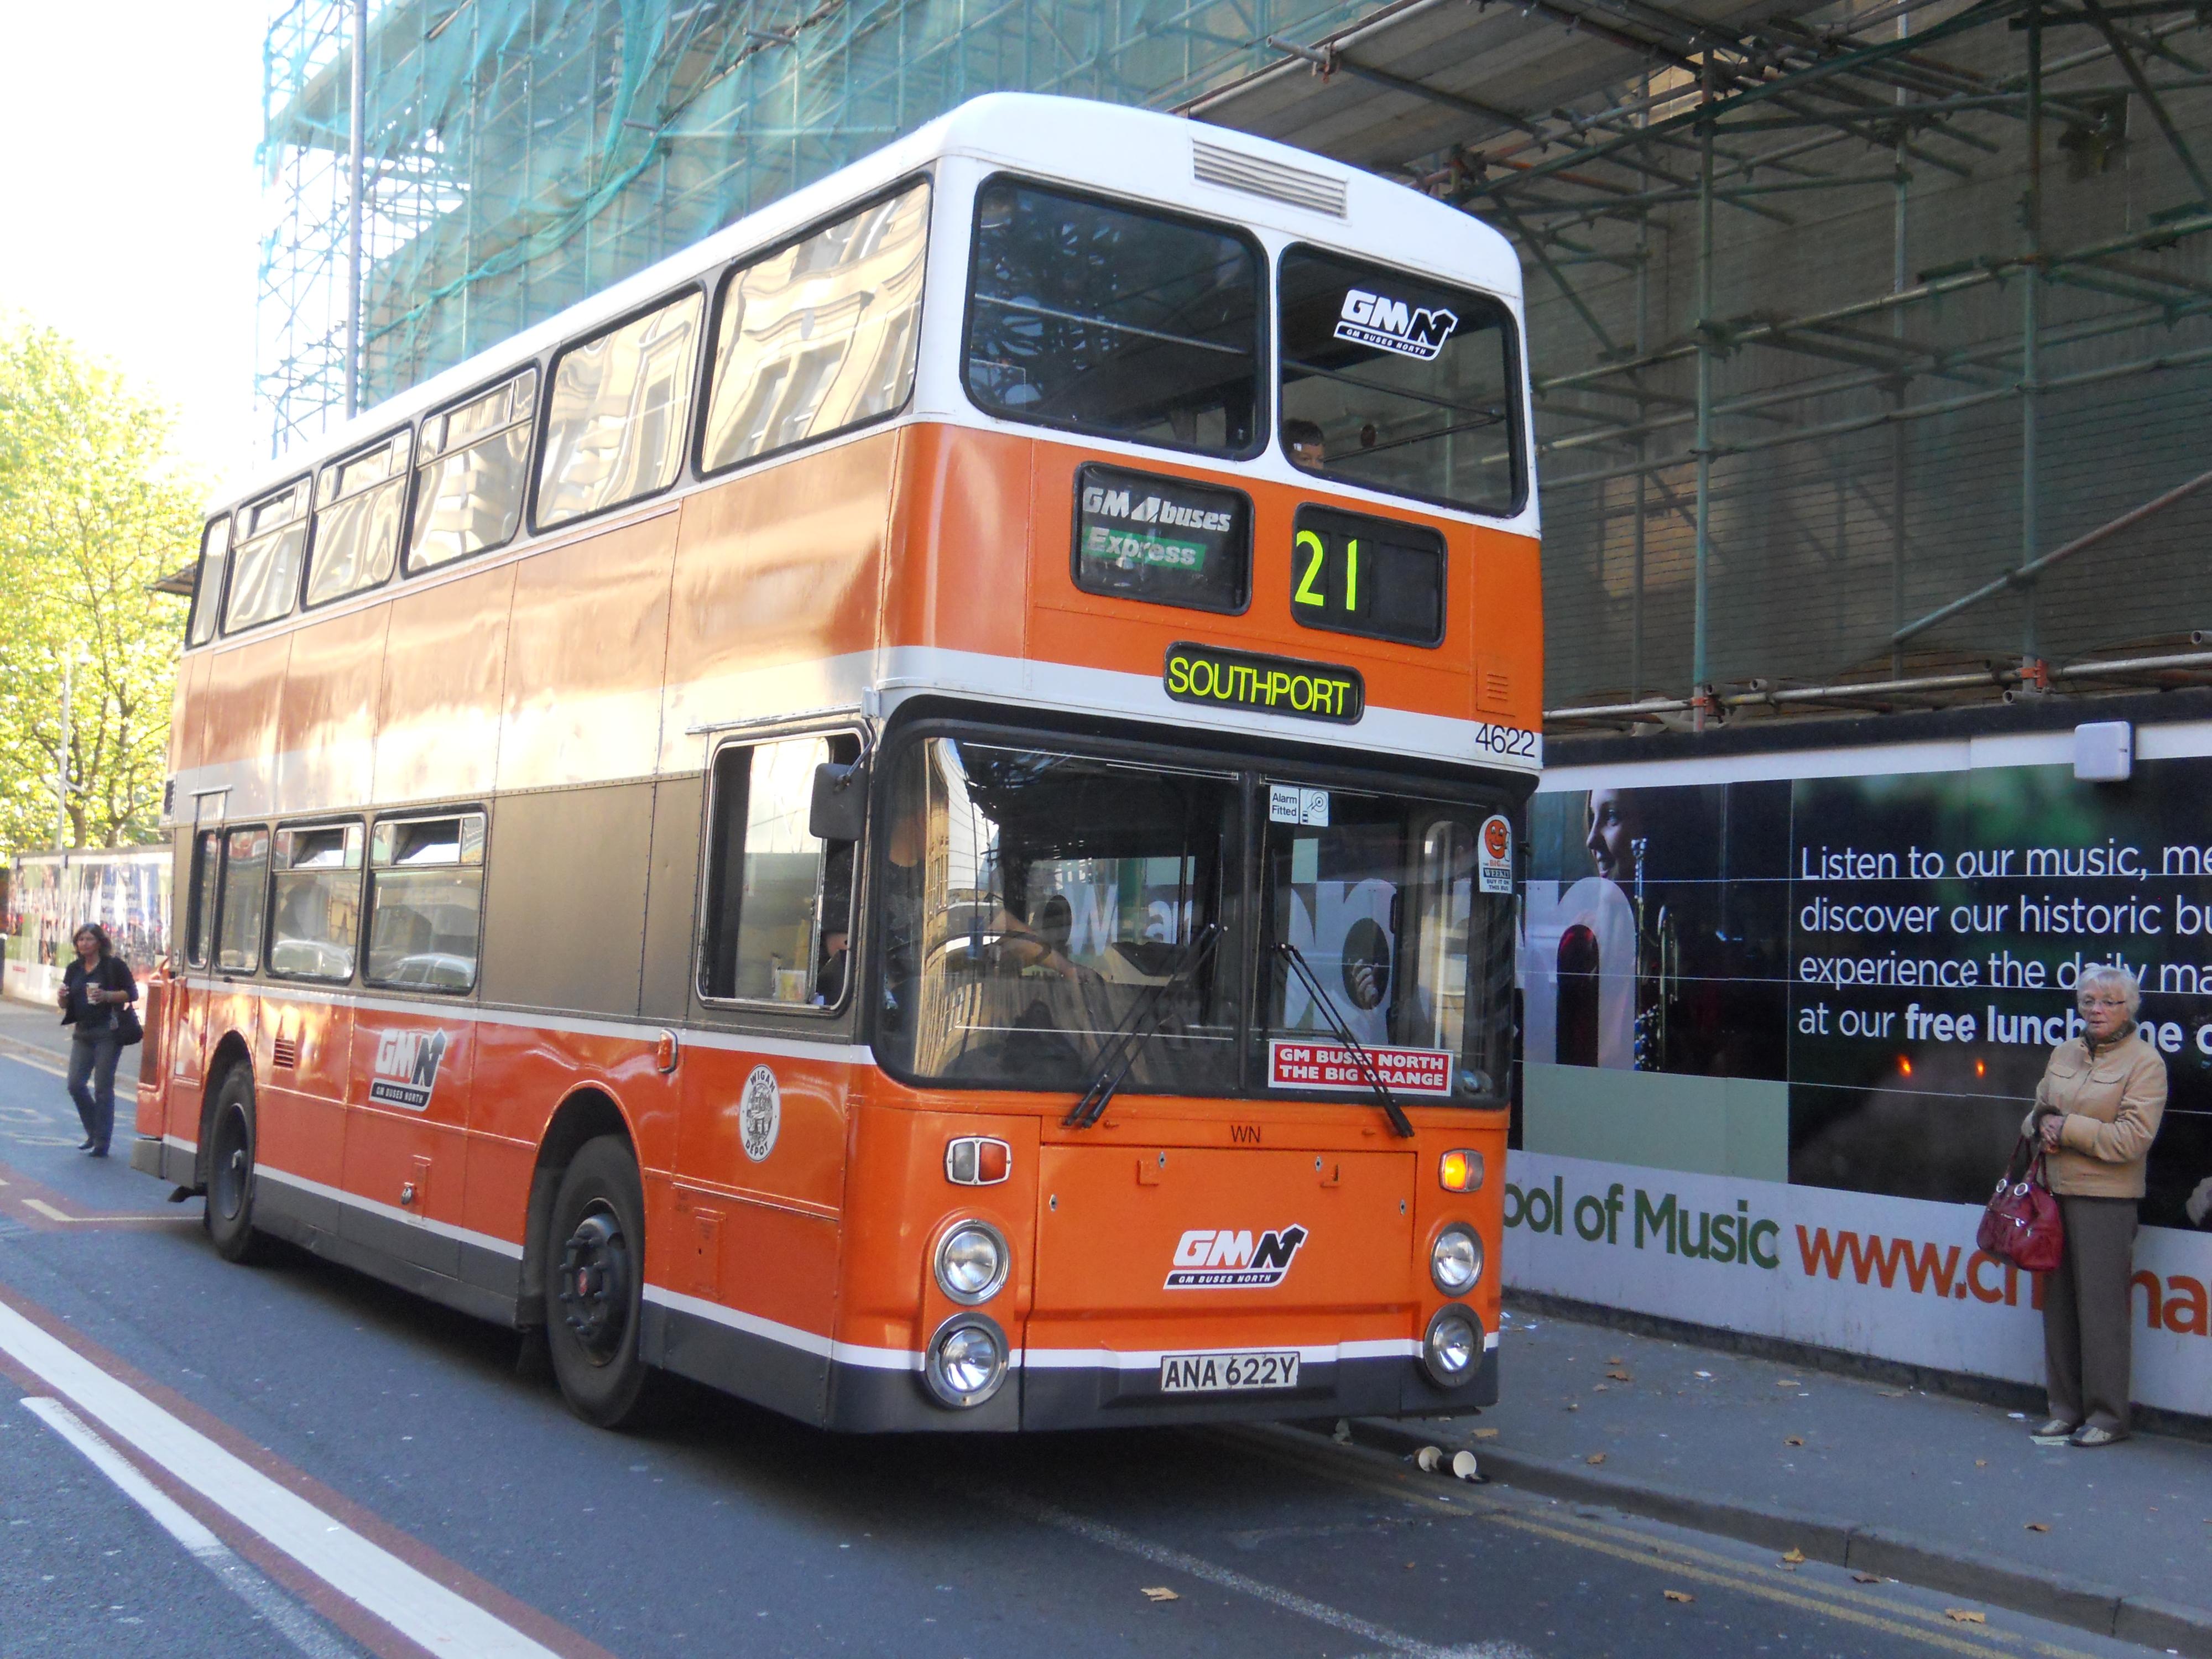 File:GM Buses North bus 4622 (ANA 622Y), MMT Deregulation 25